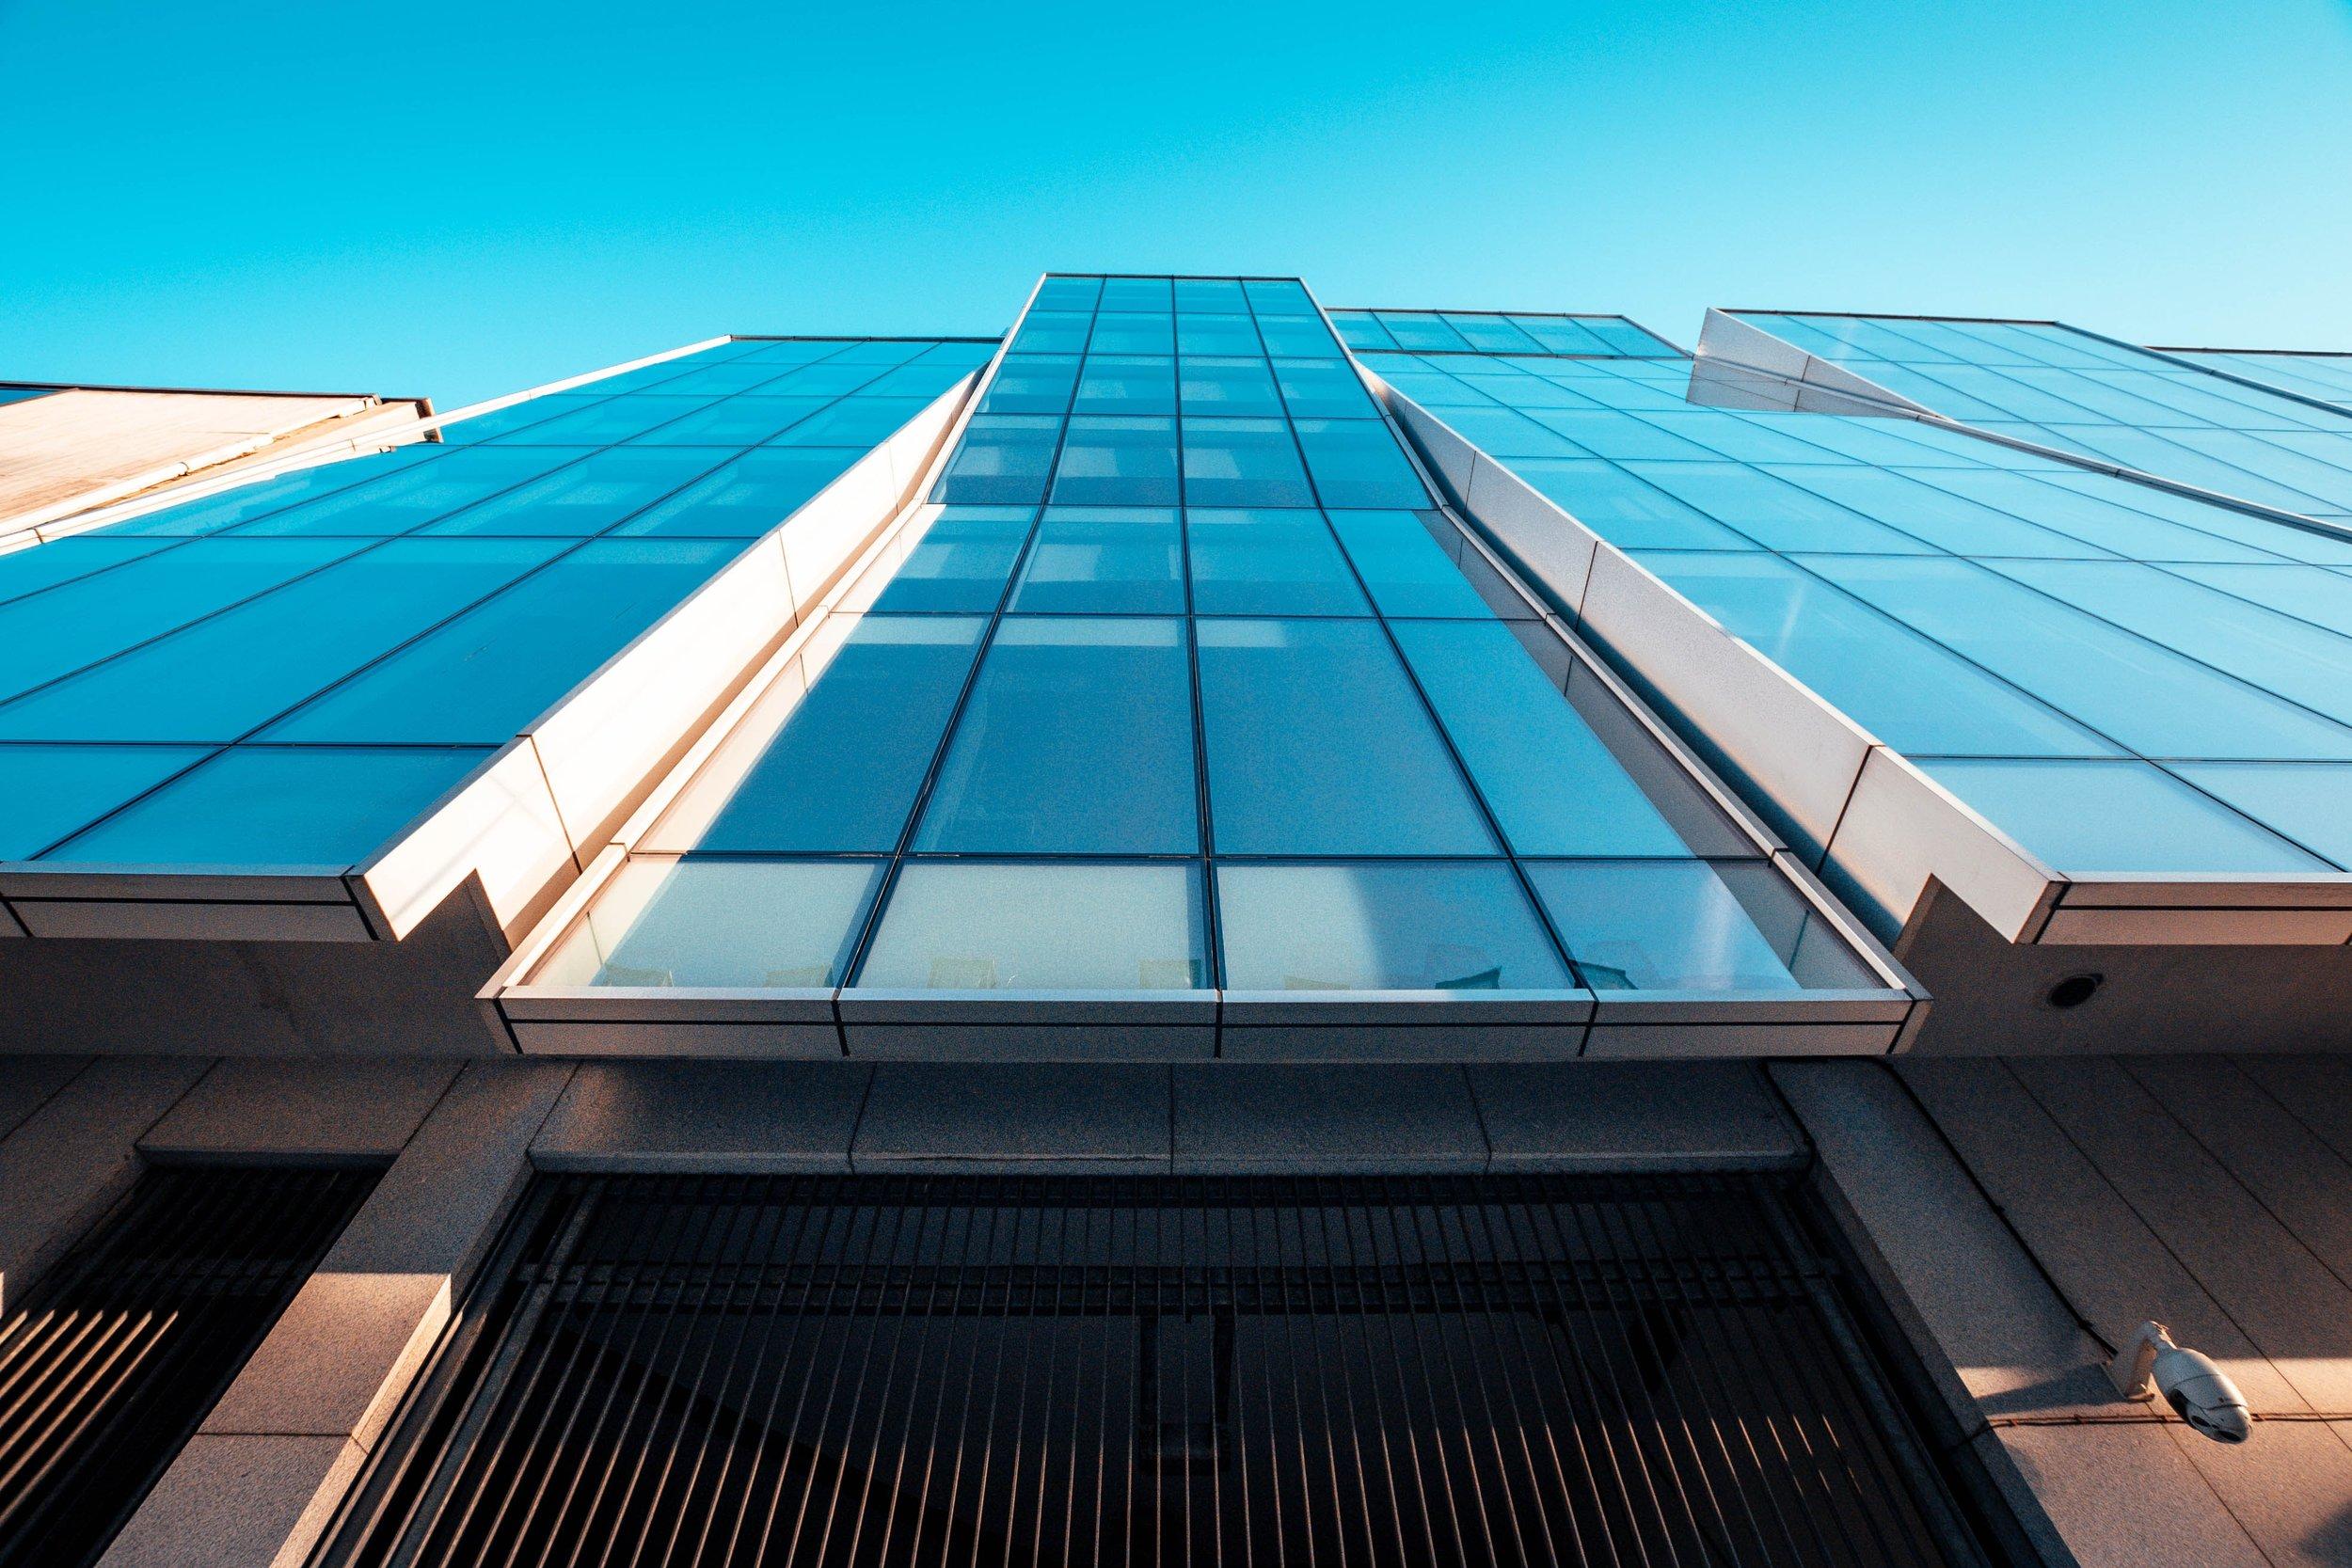 architectural-architectural-design-architecture-962984.jpg